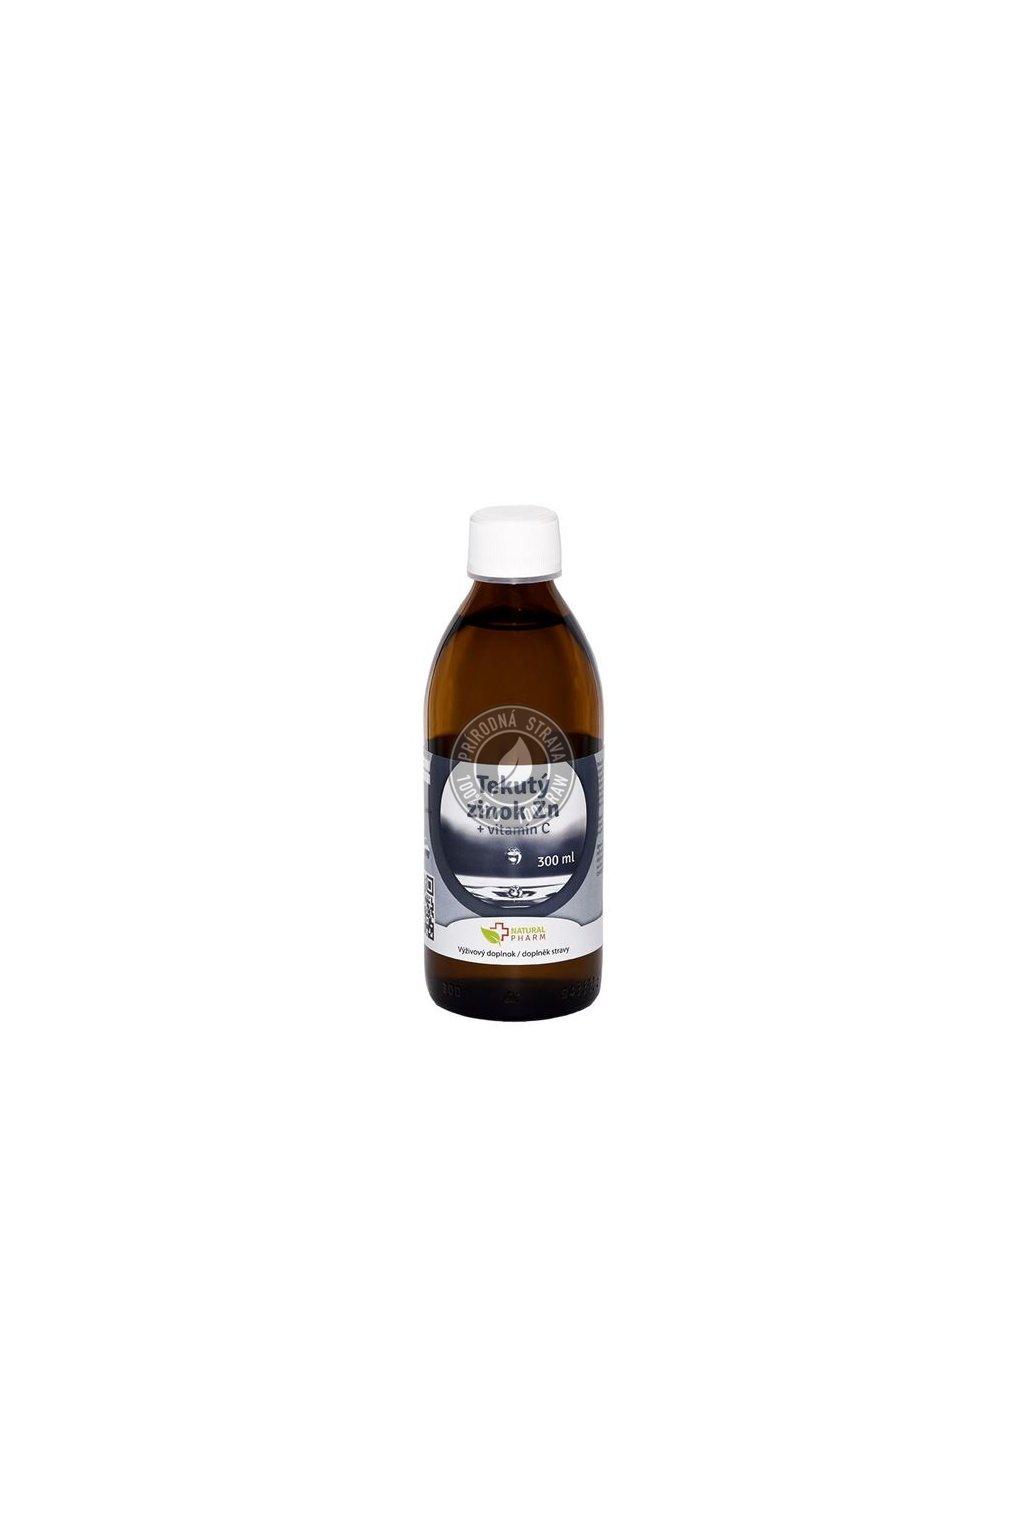 0000409 tekuty zinok zn vitamin c 300 ml 550